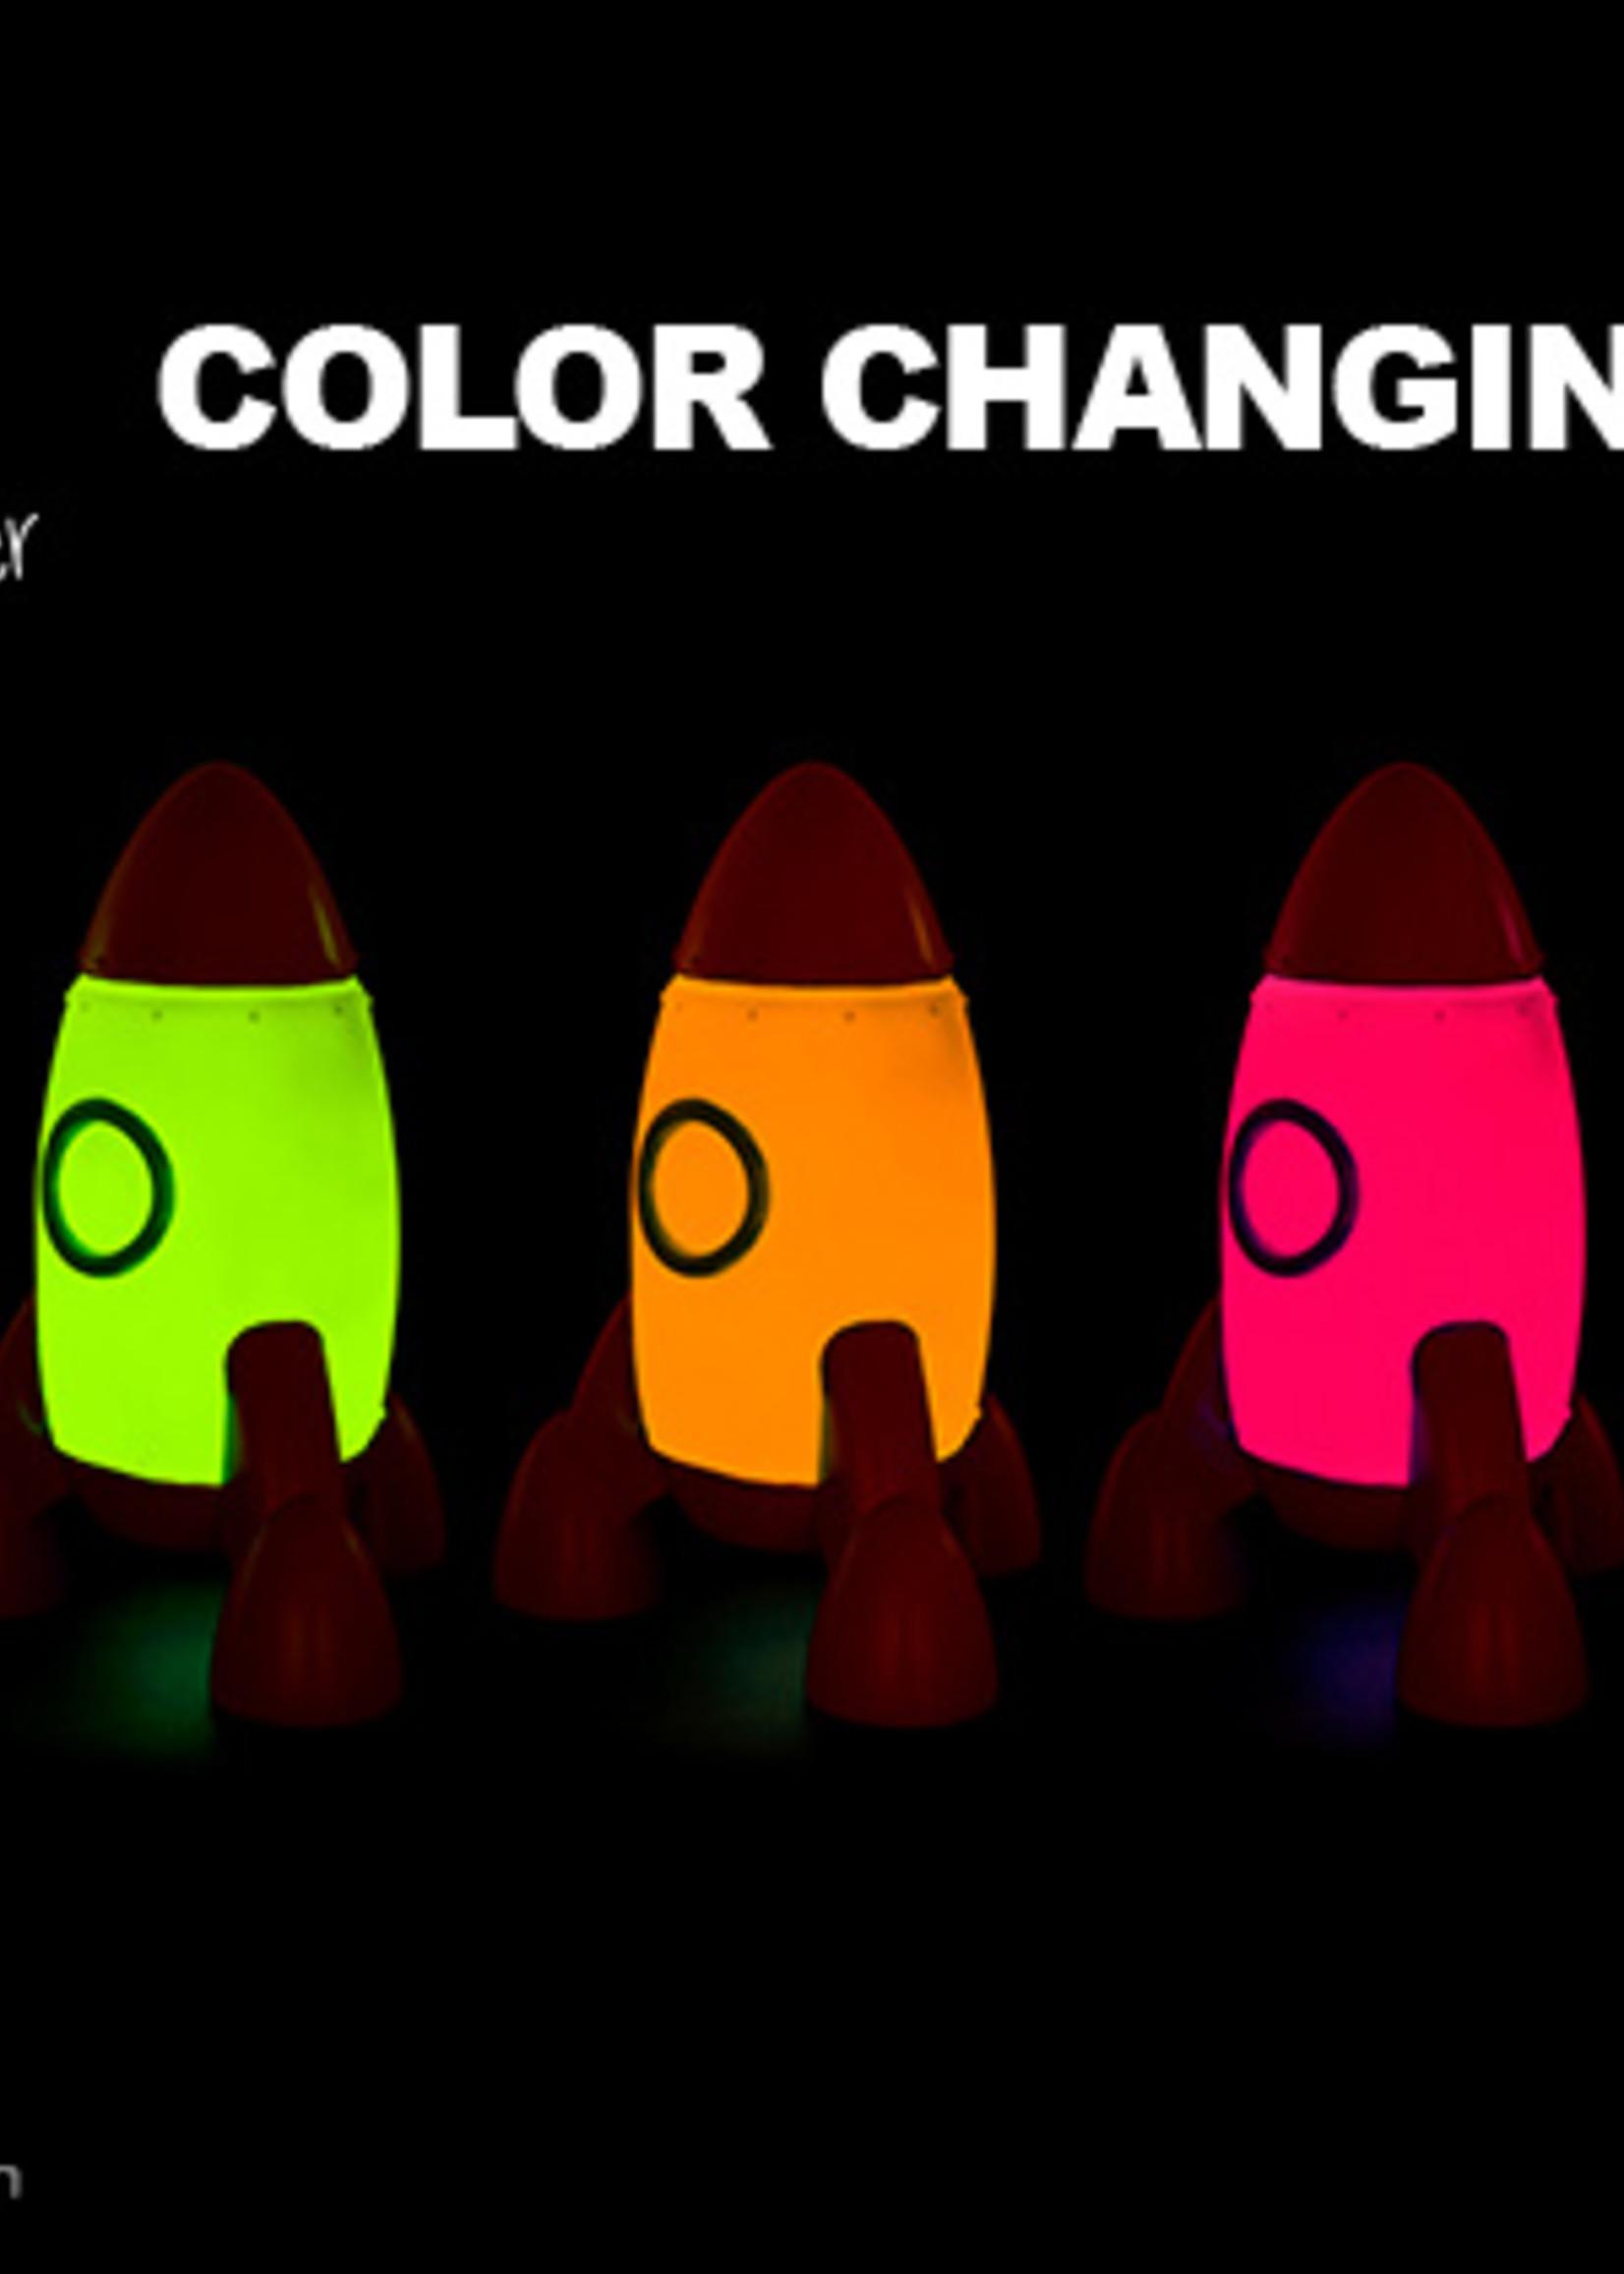 Dhink Dhink - Rocket Colorchange LED